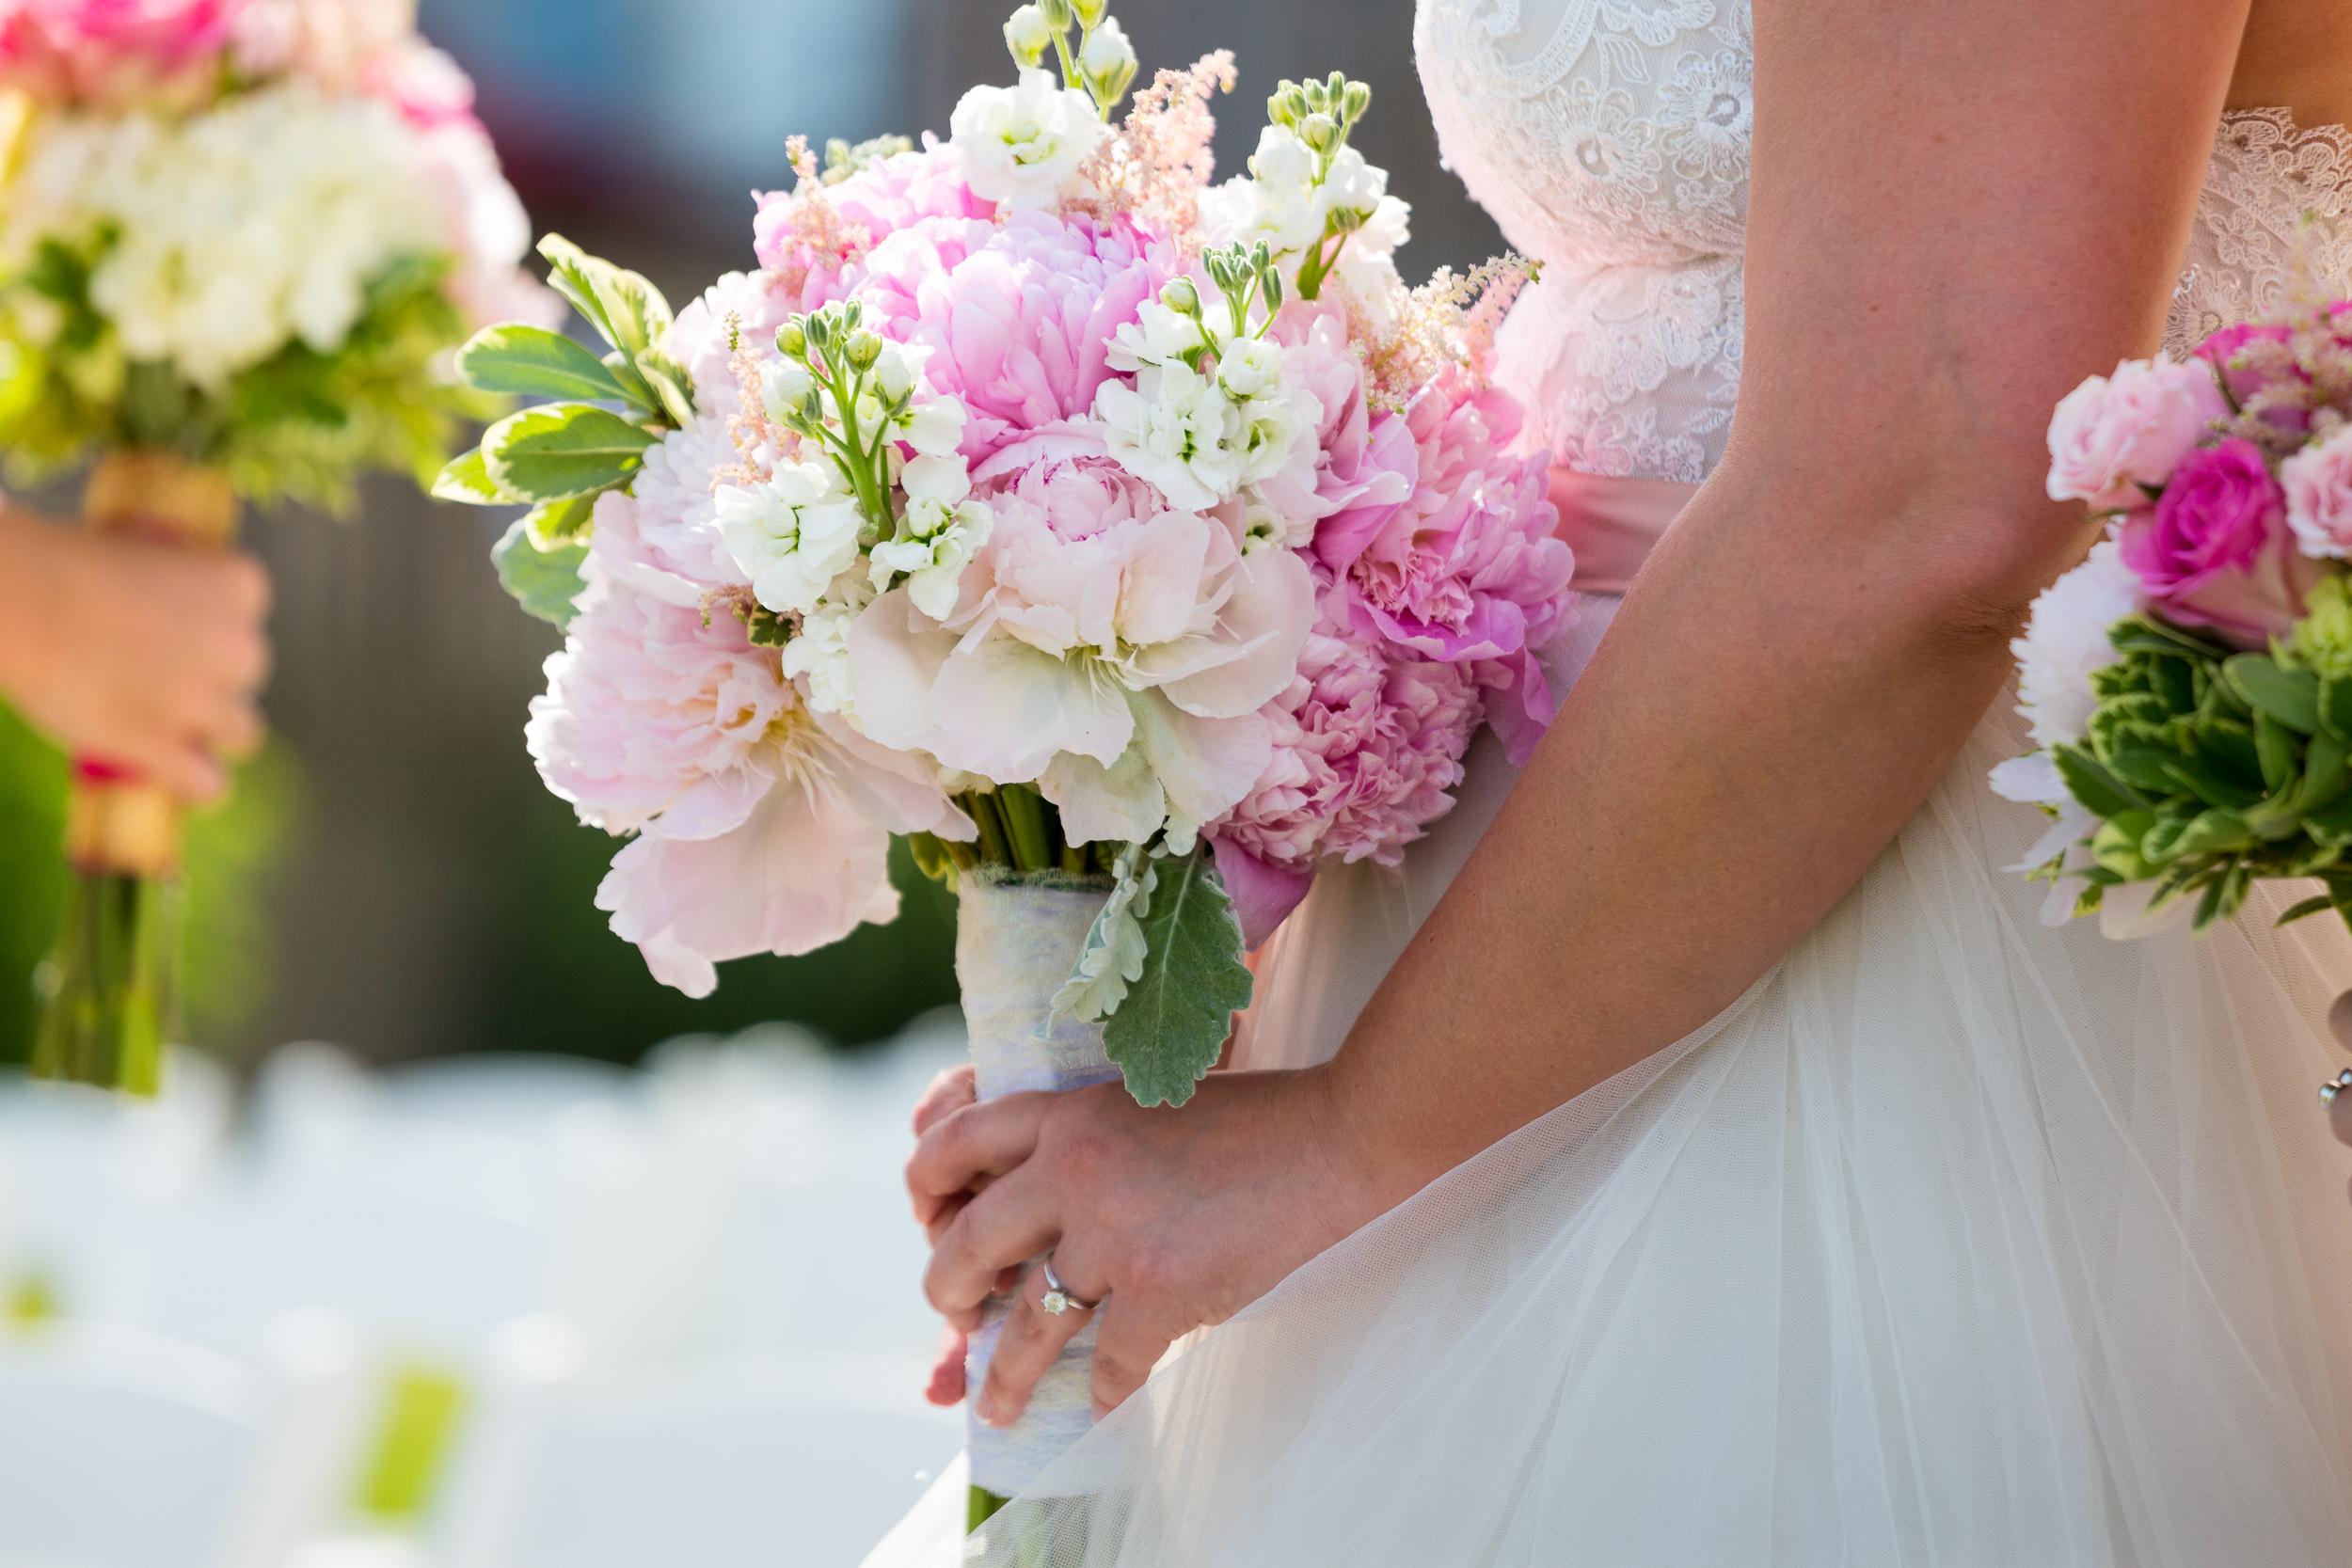 RSmith_WeddingTaylorTyler-7327_2500.jpg